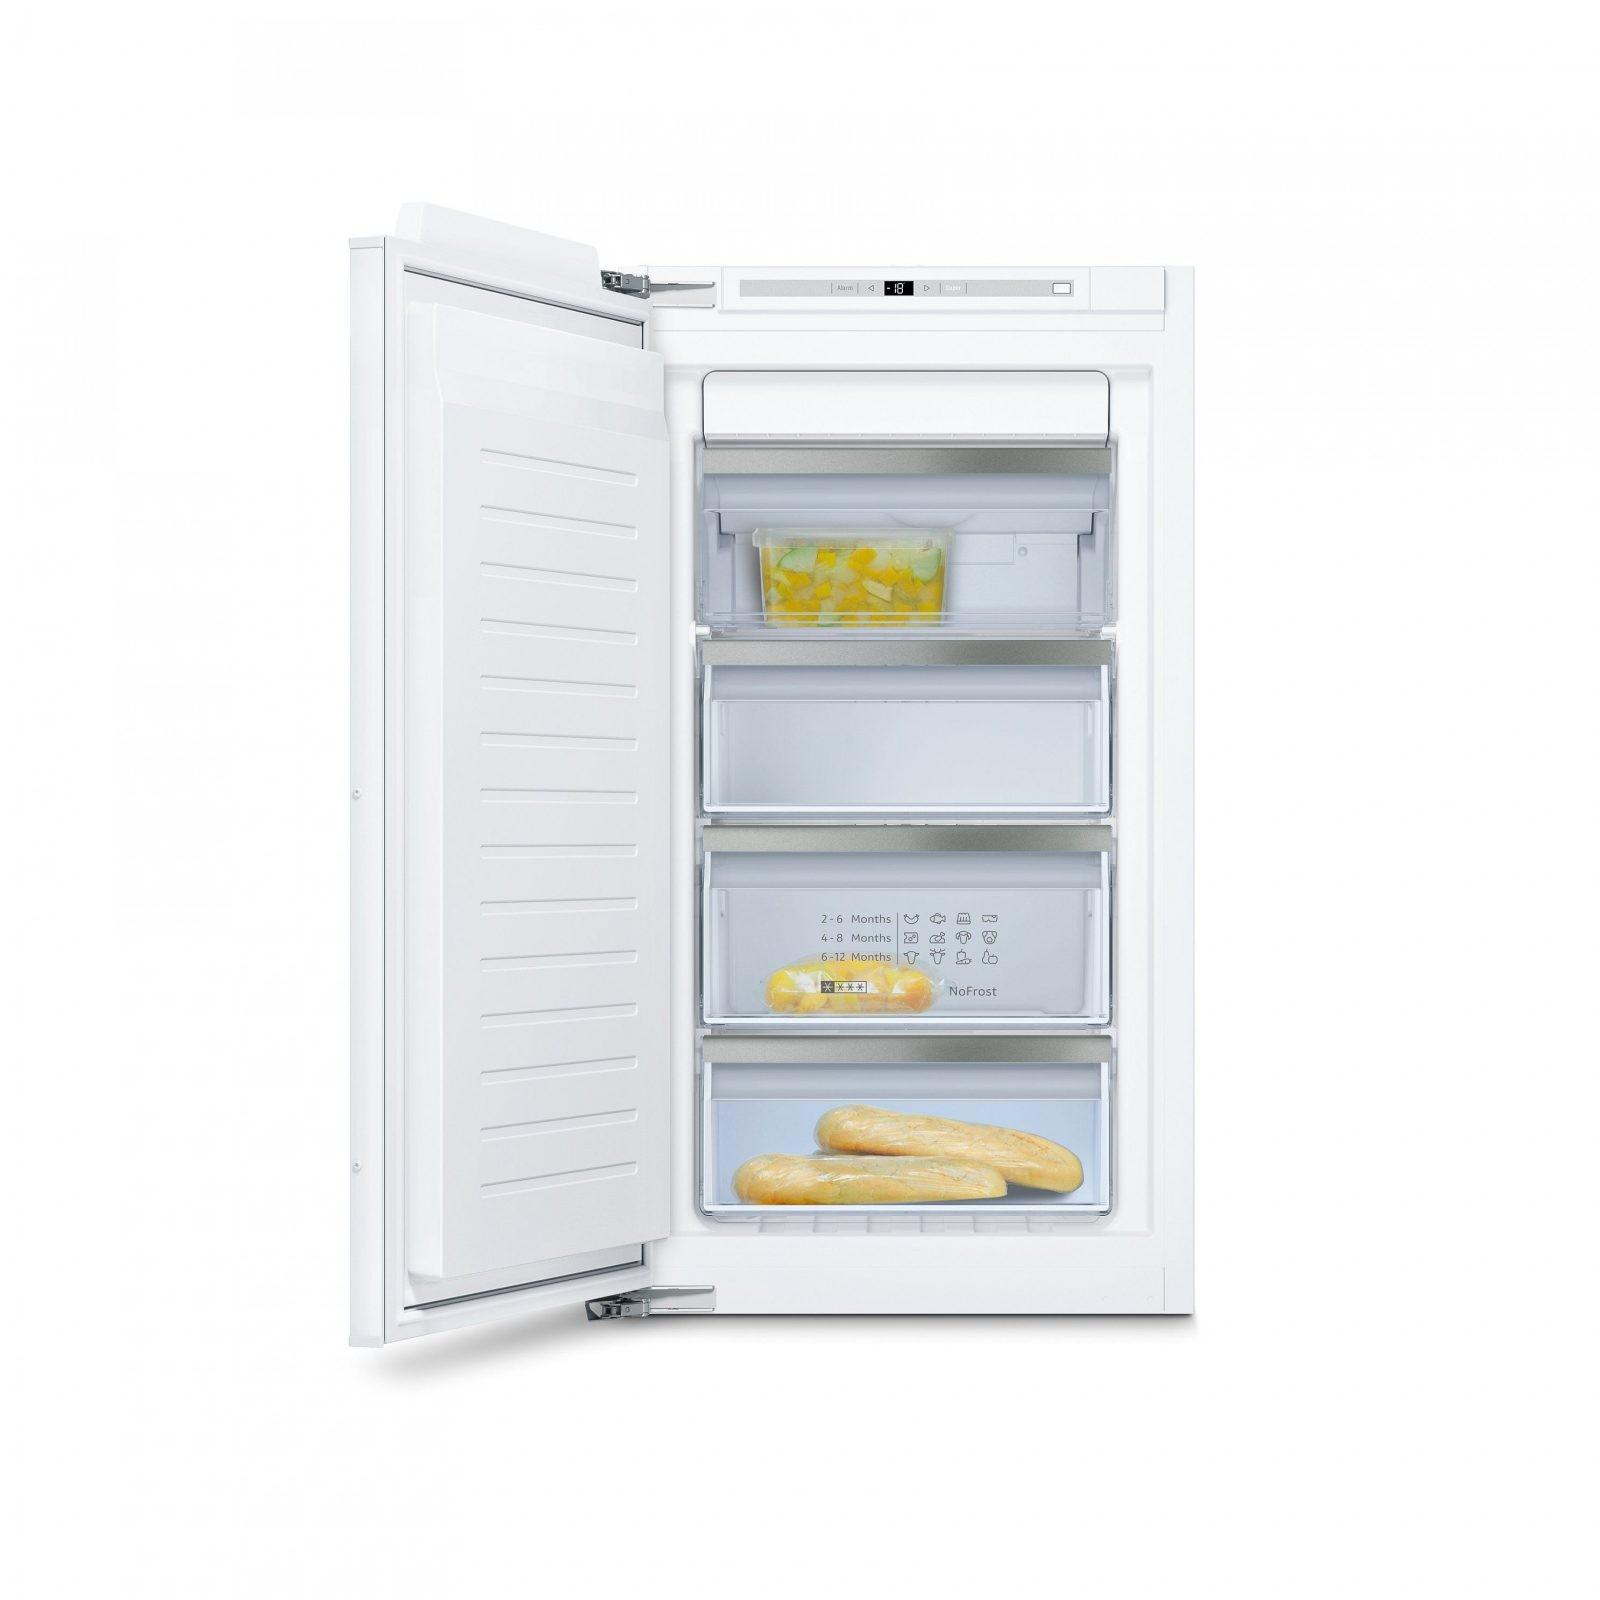 33 Elegante Gefrierschrank No Frost  Küchen Ideen von Liebherr Gefrierschrank No Frost Test Bild